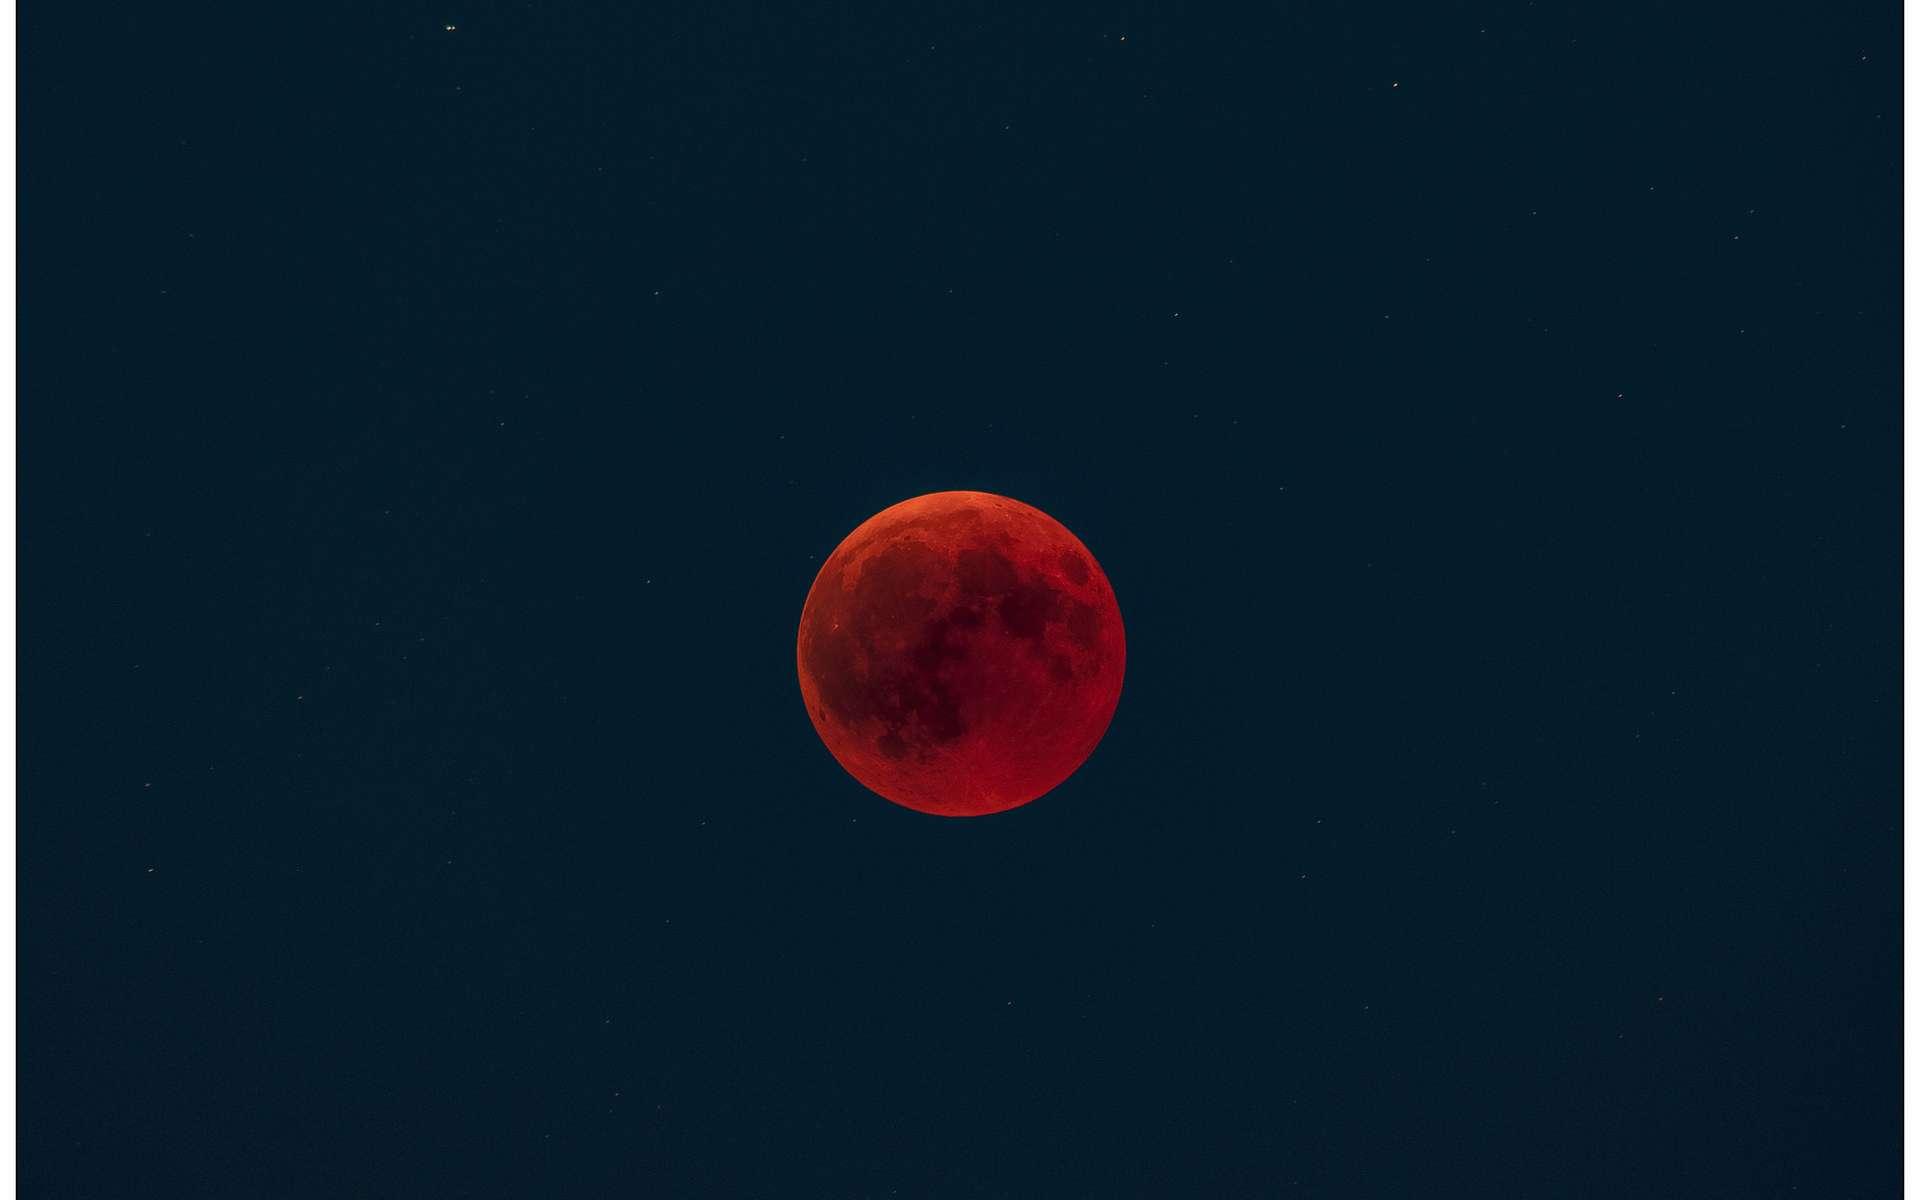 L'éclipse totale de Lune du 27 juillet vue du Luxembourg. © Dominique Dierick, Flick'r CC by-nc-nd 2.0